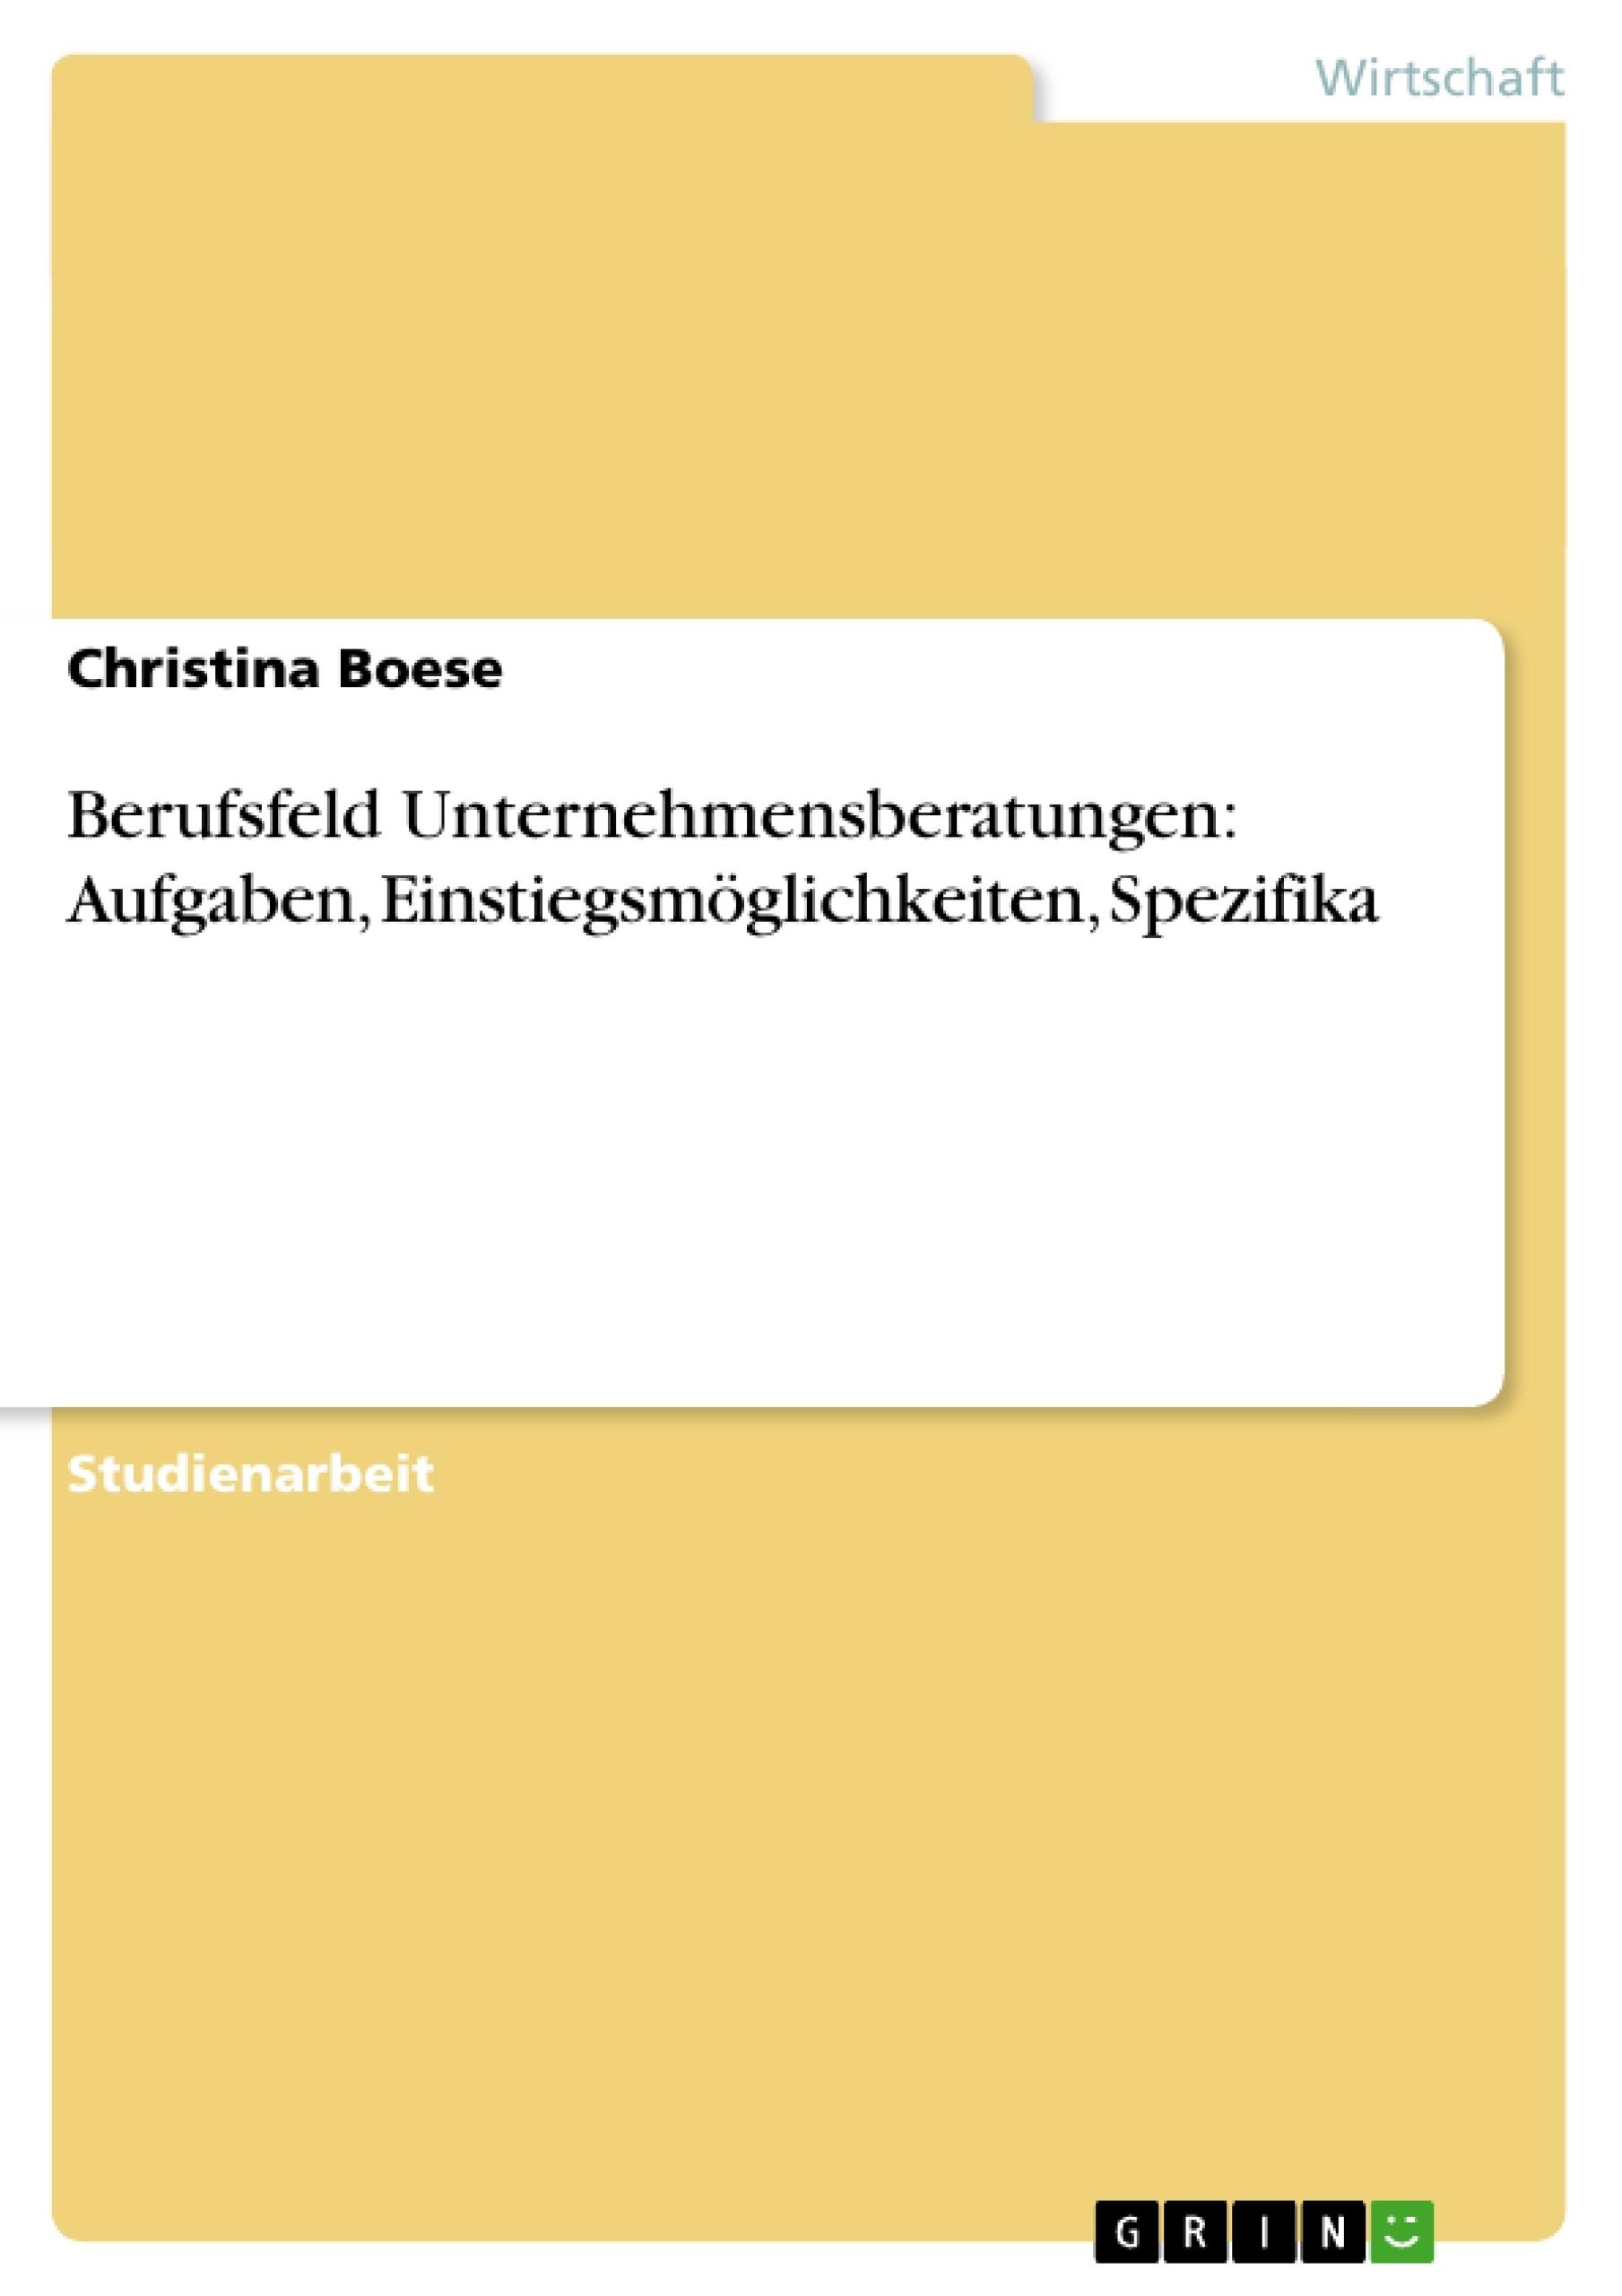 Titel: Berufsfeld Unternehmensberatungen: Aufgaben, Einstiegsmöglichkeiten, Spezifika